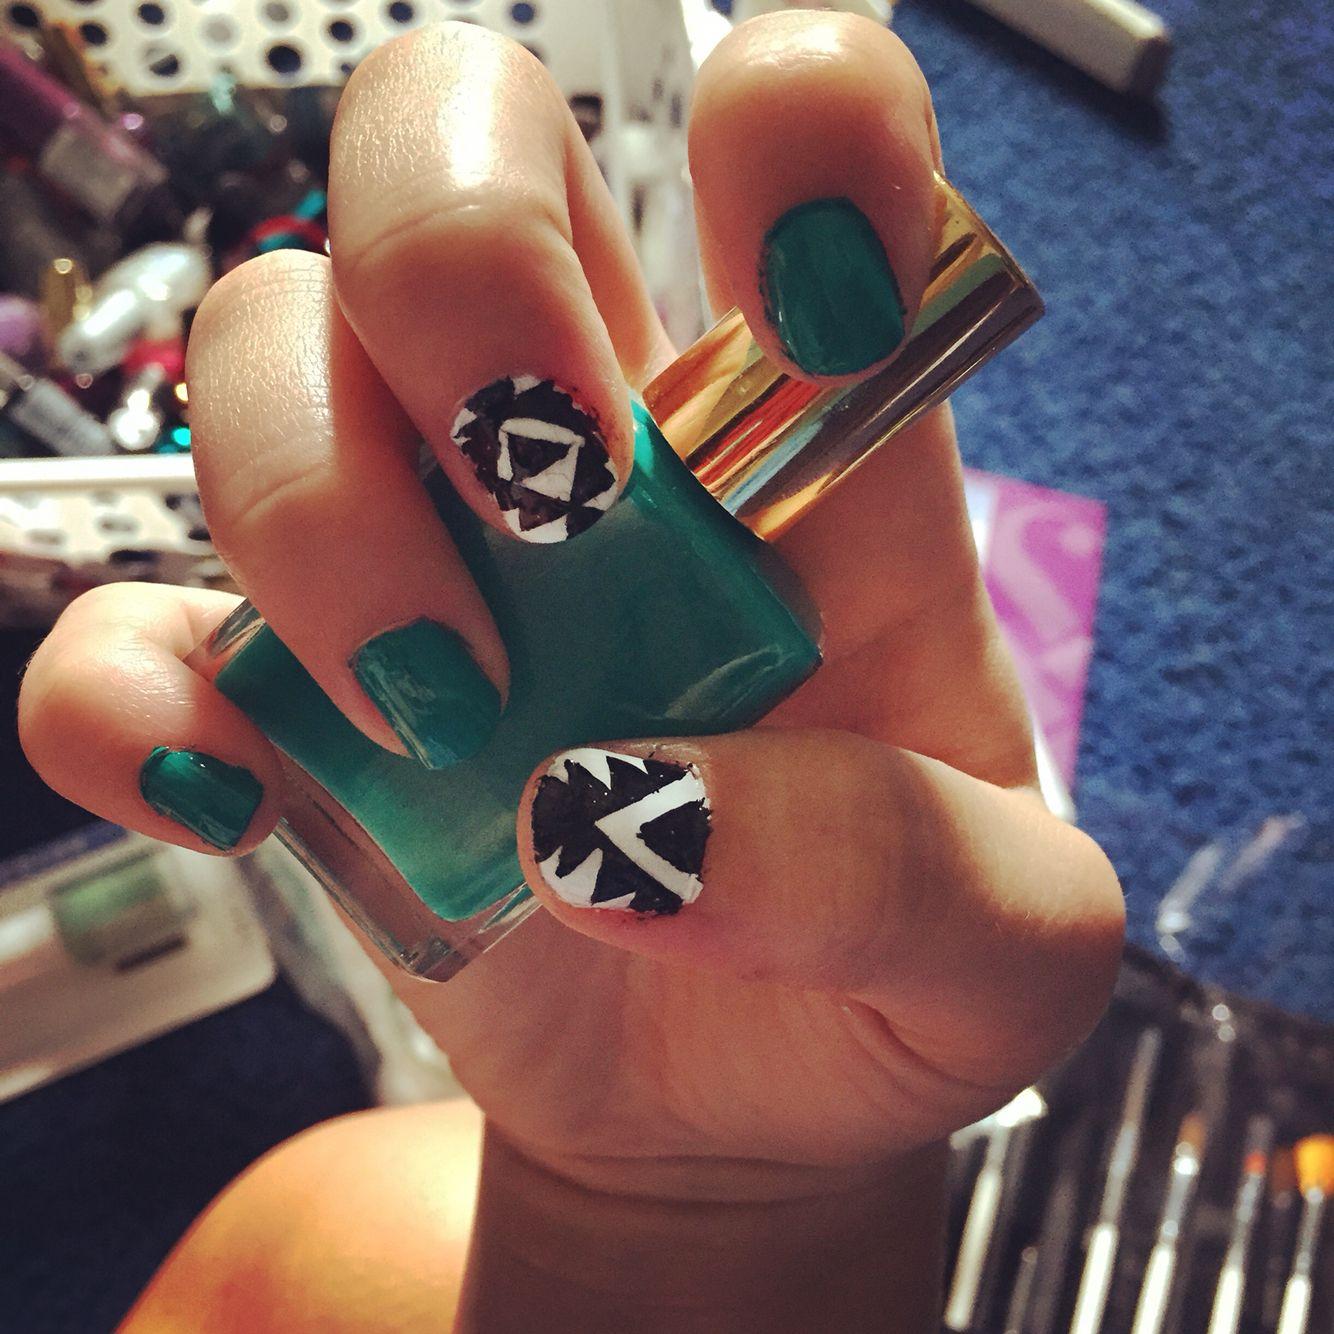 At home nail art idea